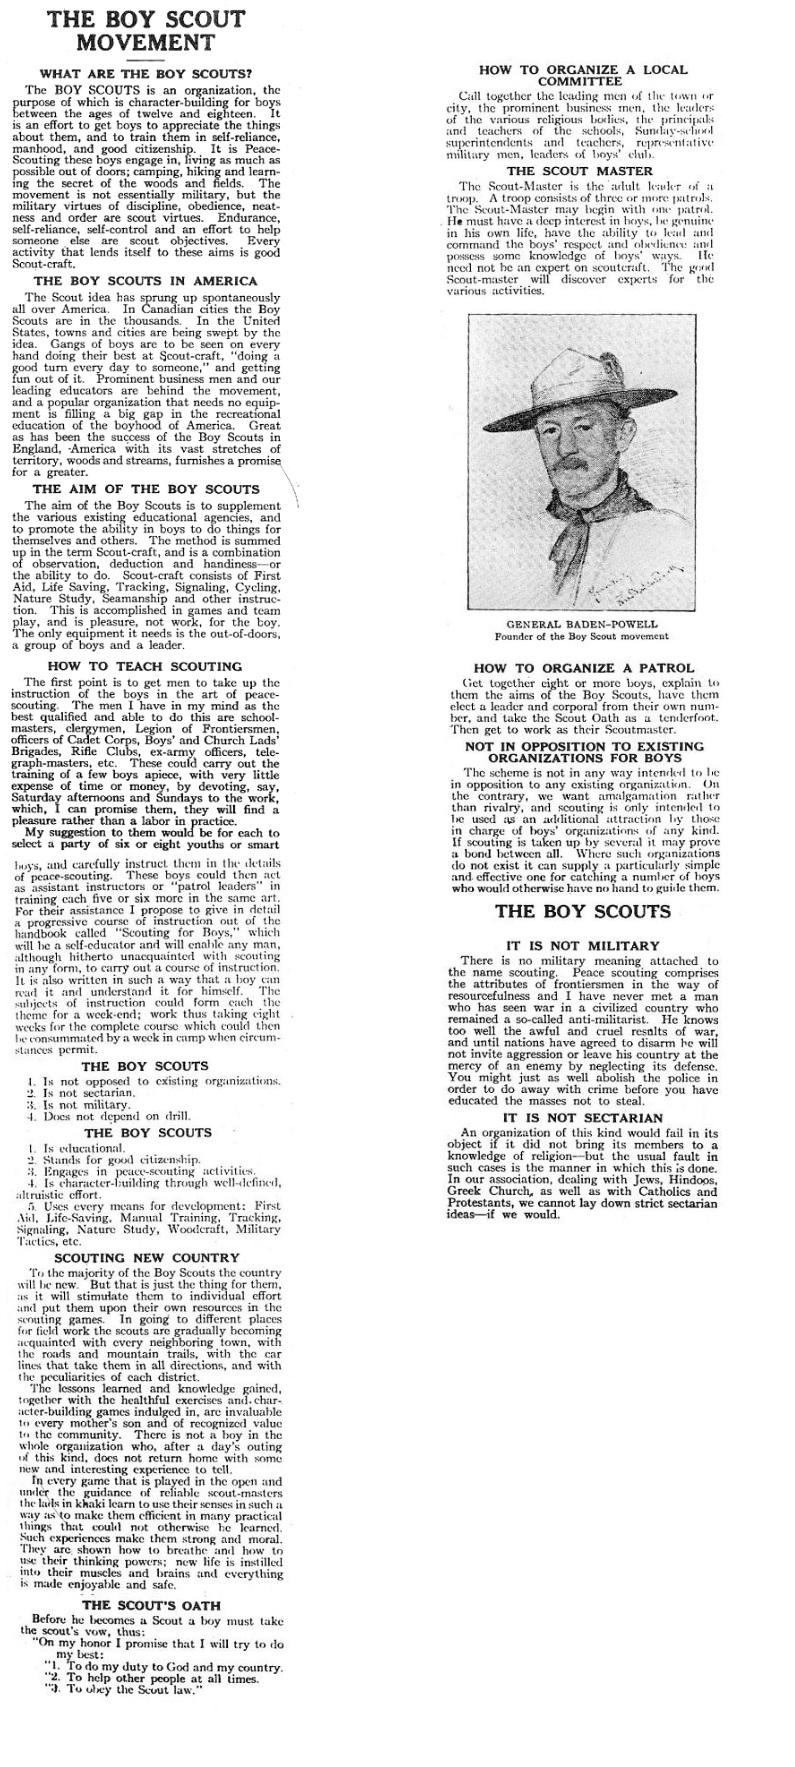 Boy Scout Movement 1911